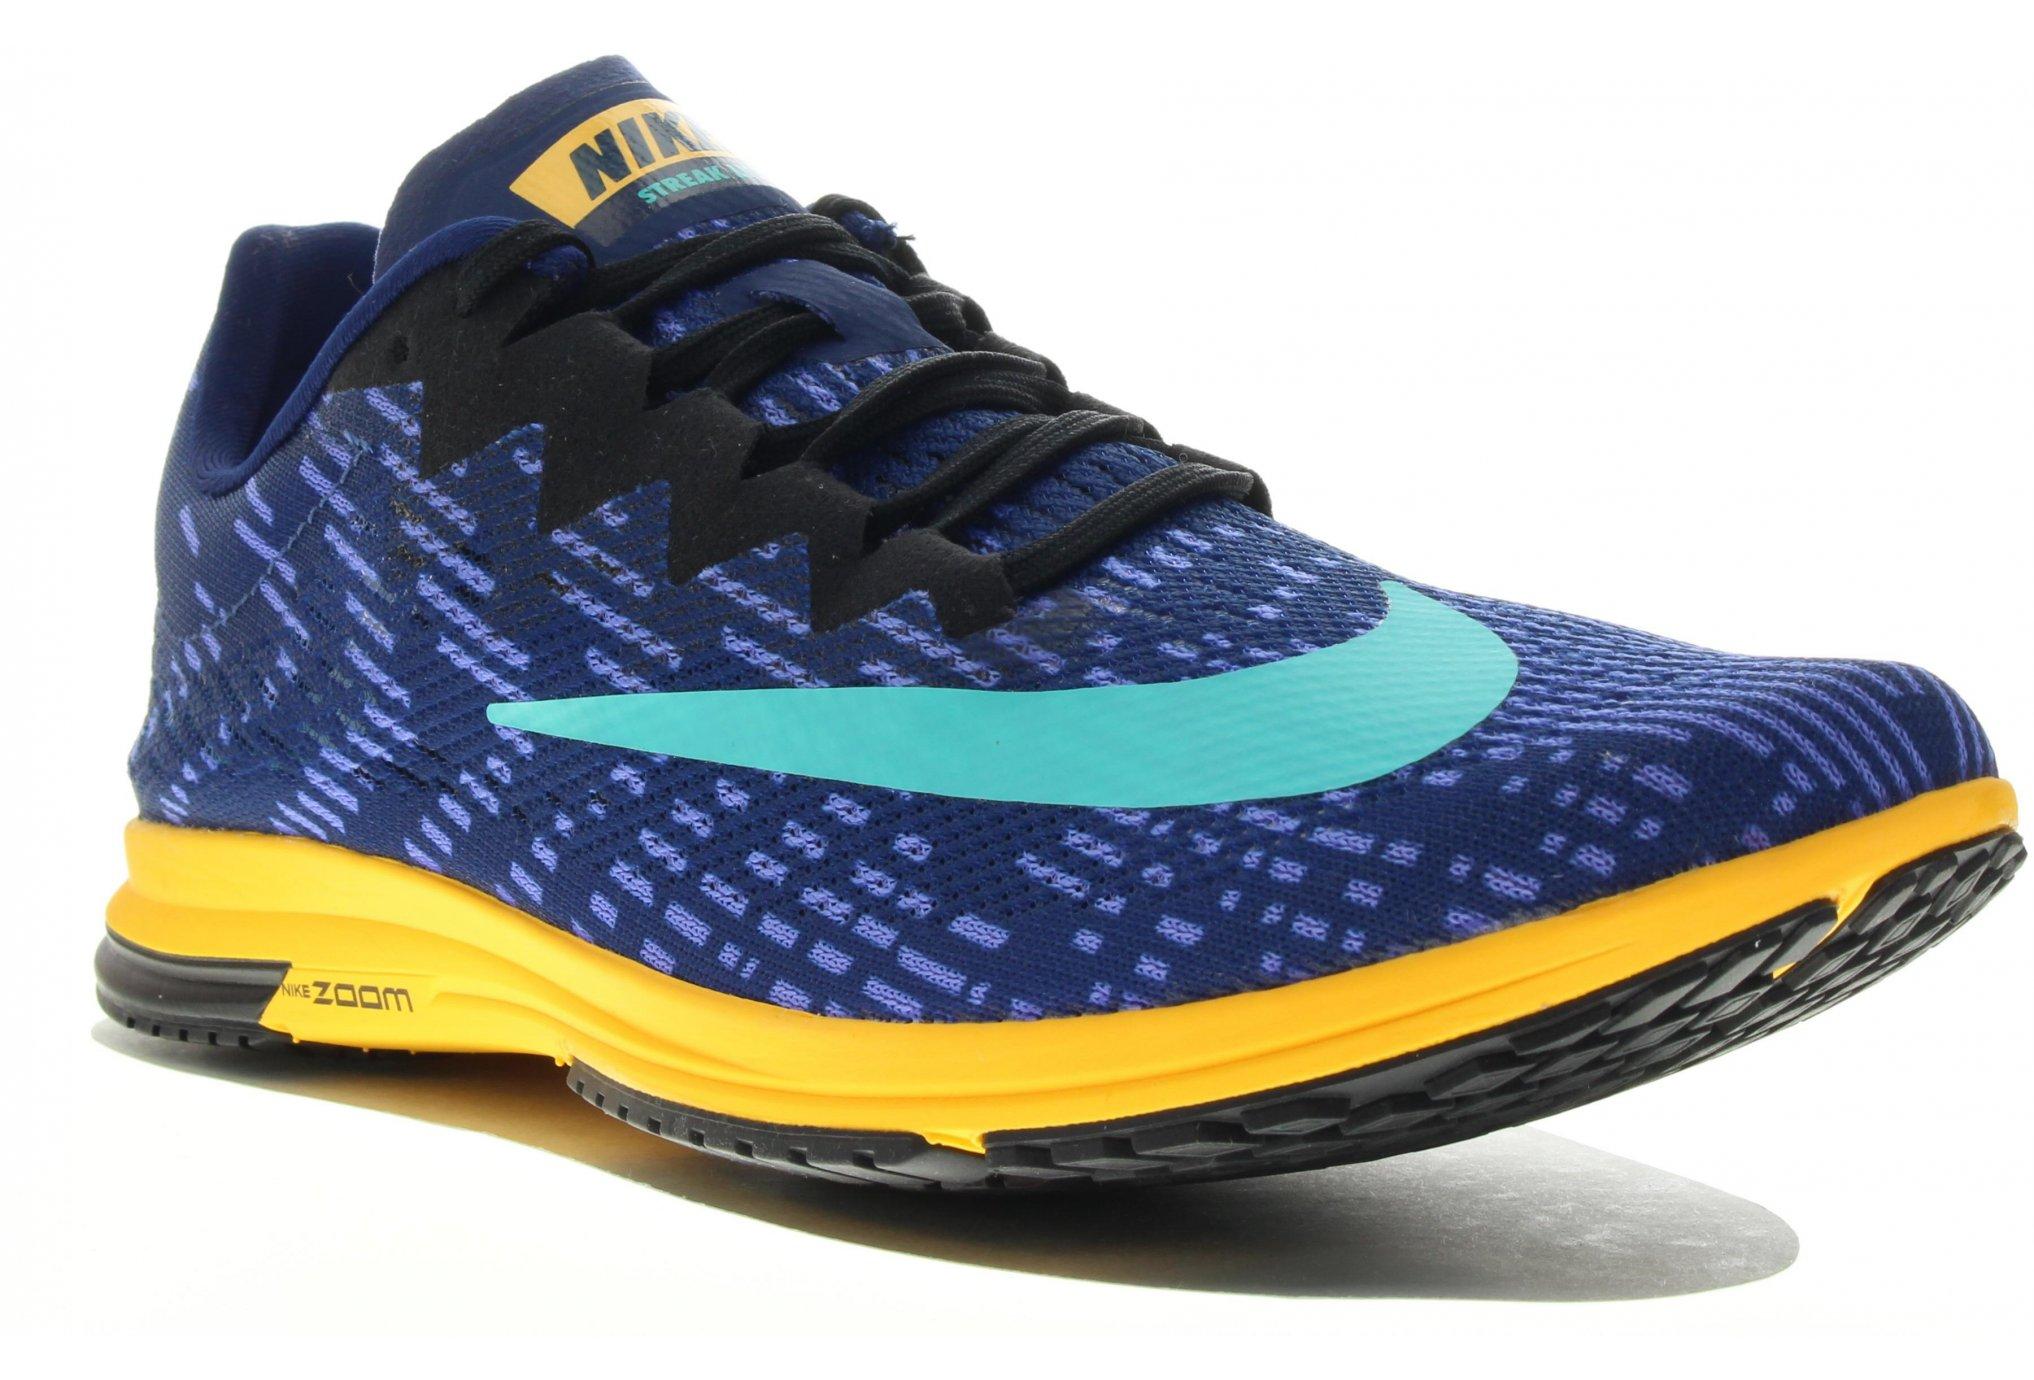 Nike Zoom Streak LT 4 Chaussures homme